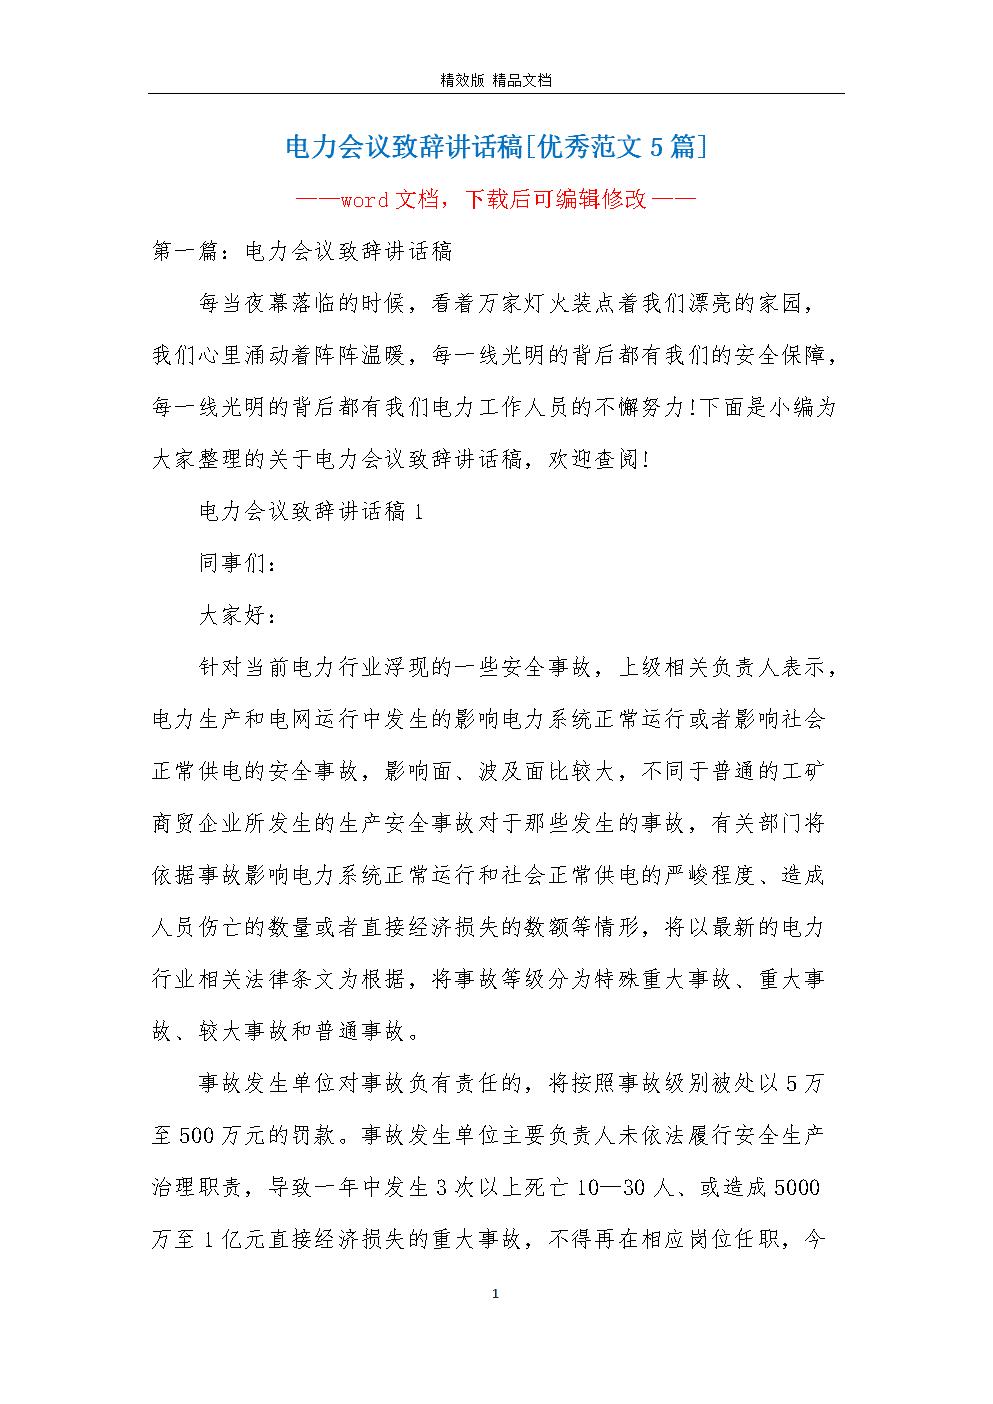 电力会议致辞讲话稿[优秀范文5篇].docx